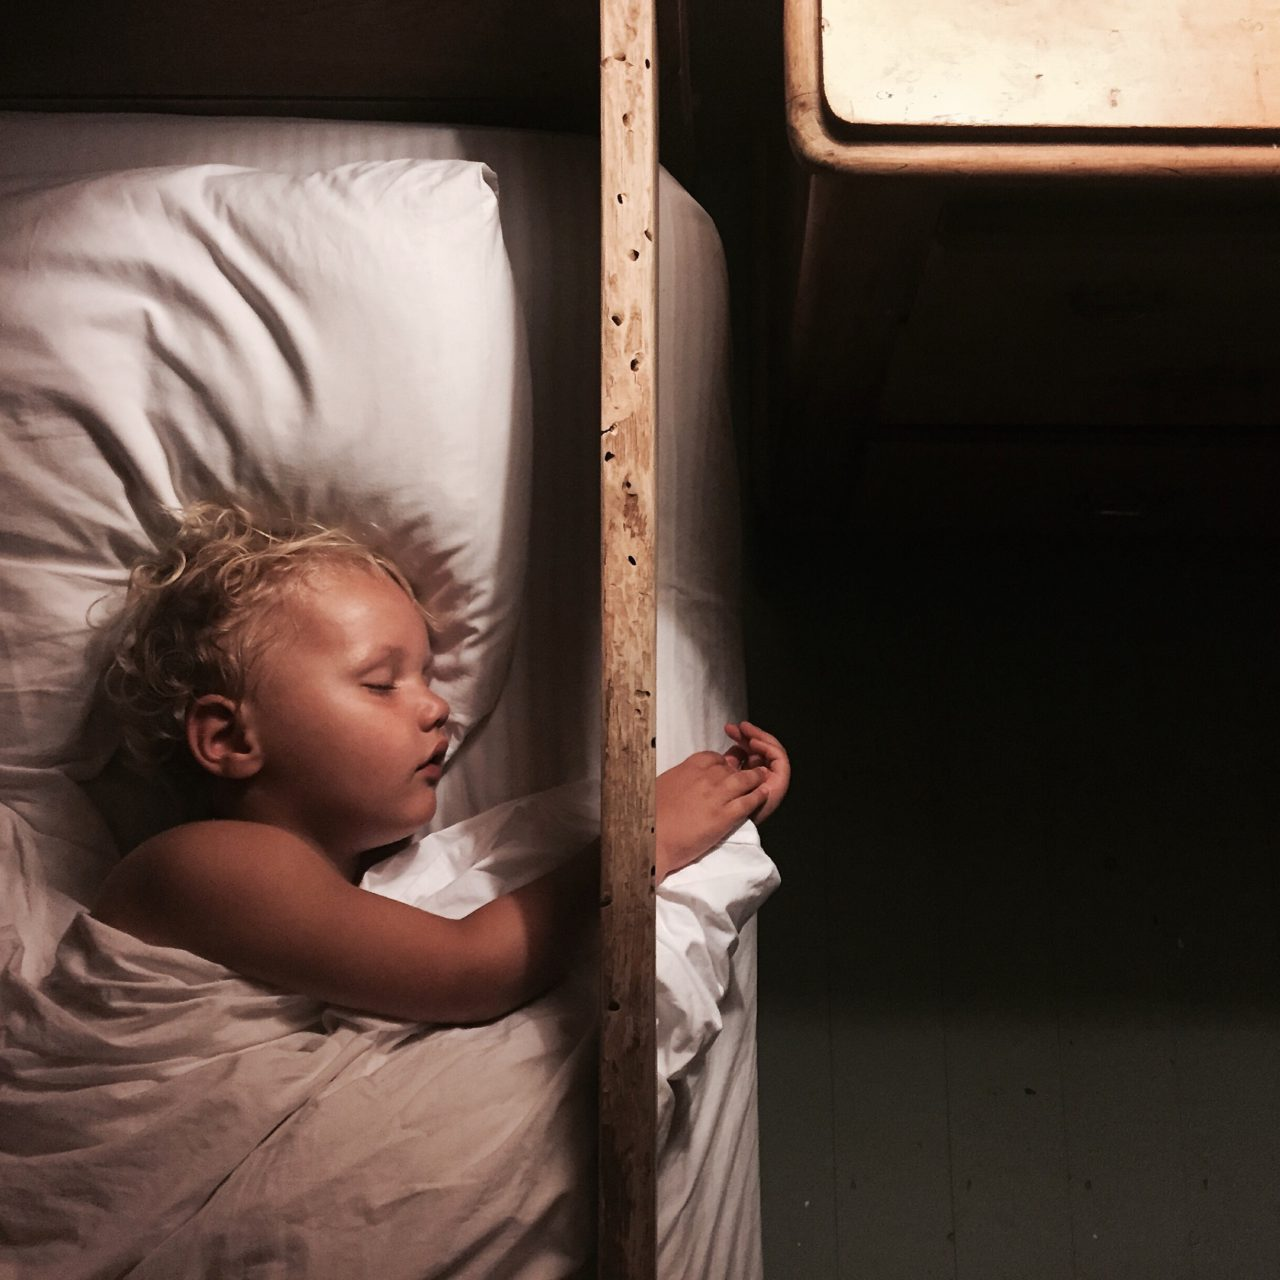 capaz-mirandakoopman-portretfotografie-kinderen-2058